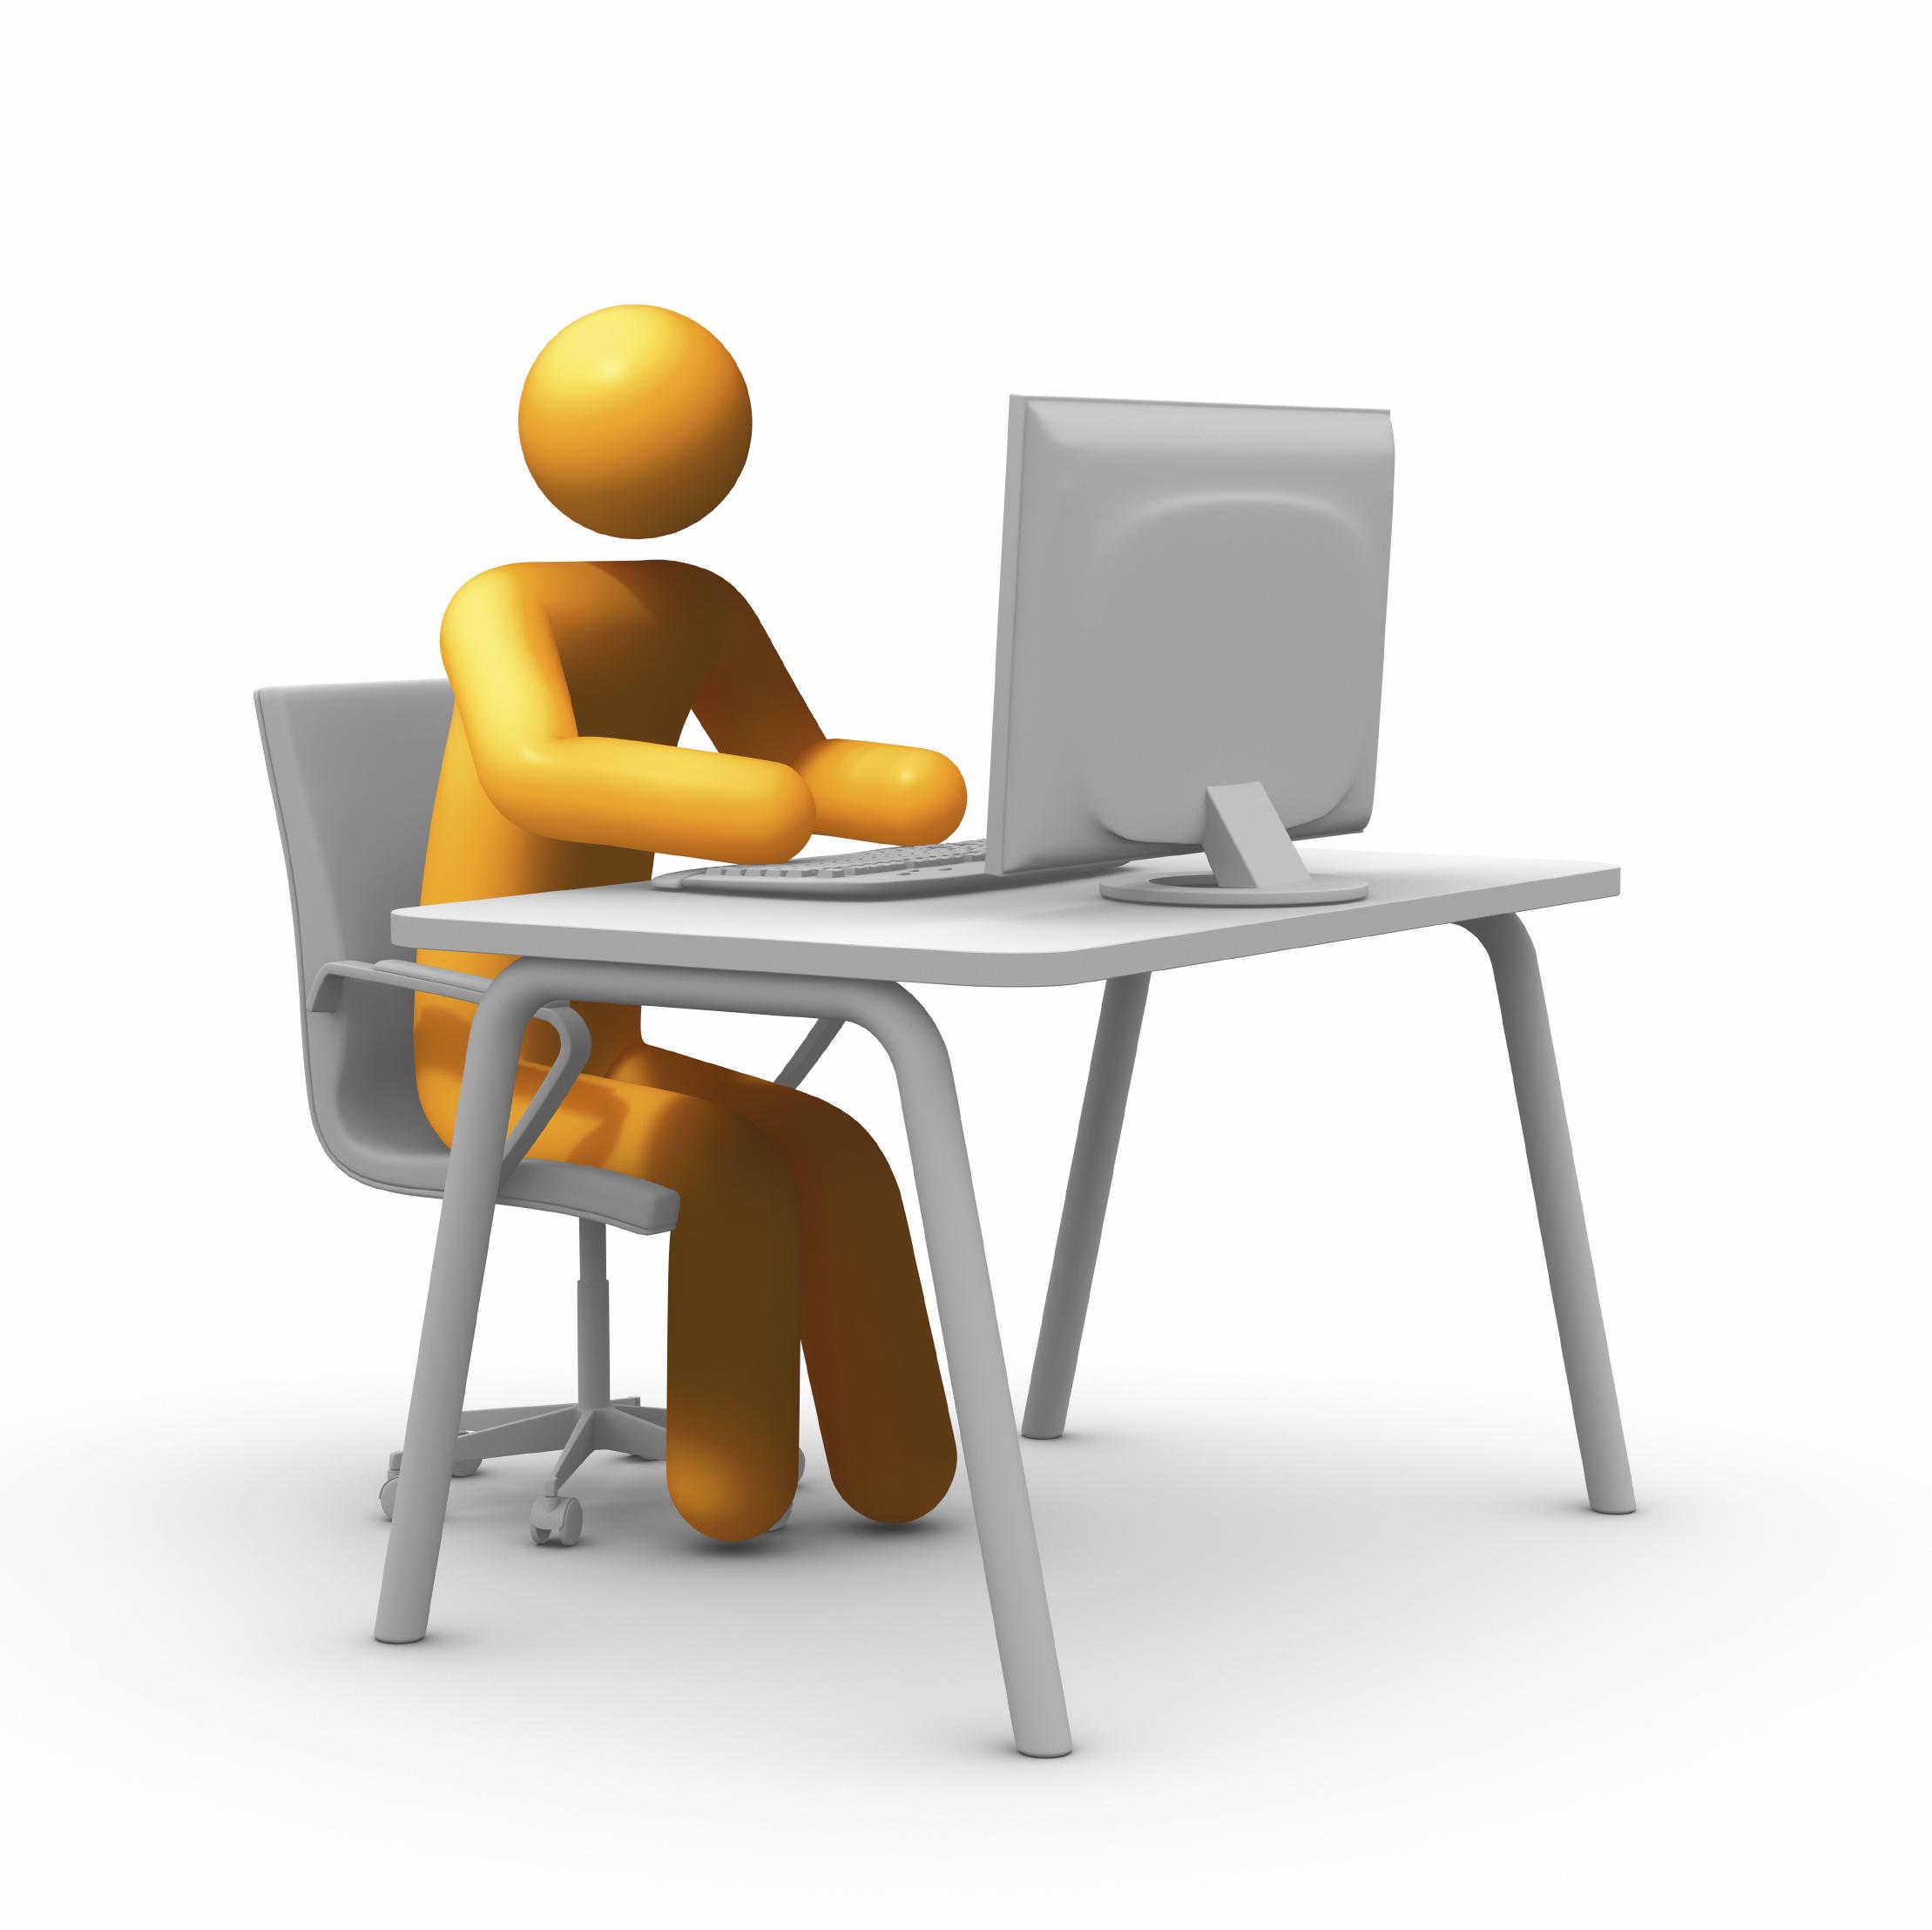 Online course work